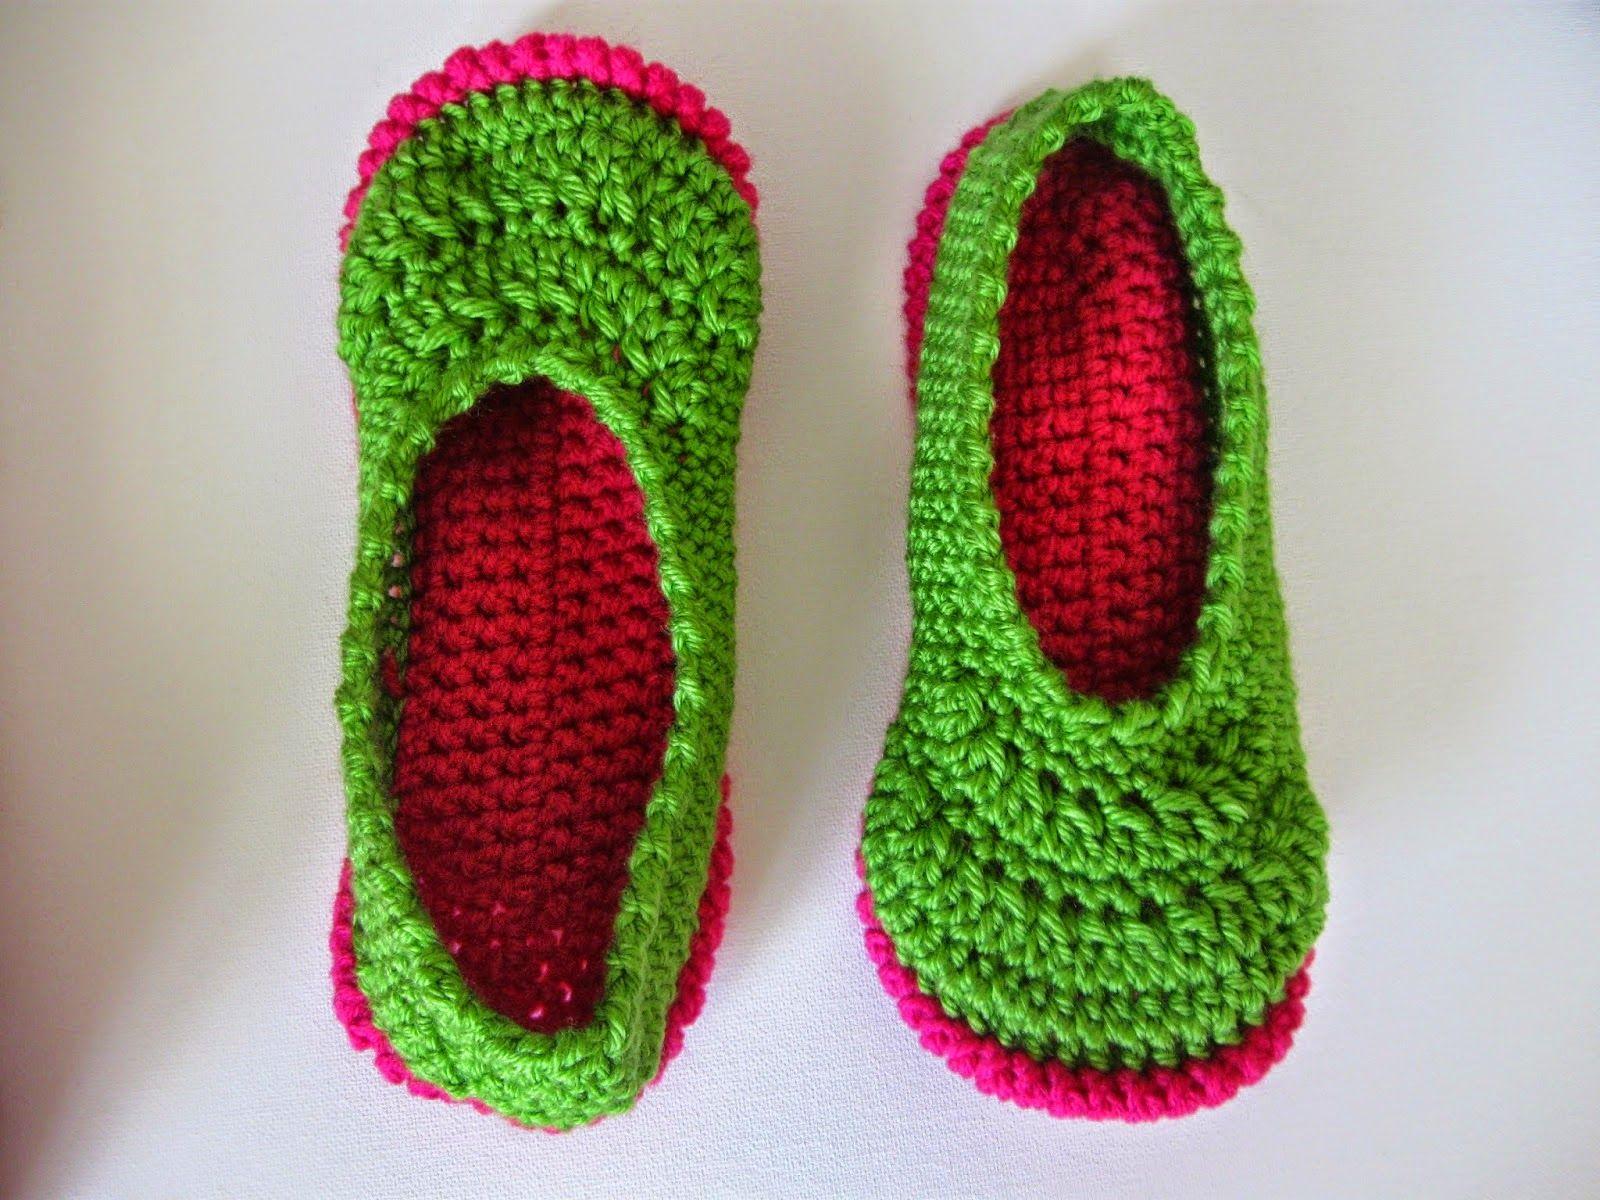 Blogue sur le crochet, Québec et Rimouski | Crochet | Pinterest ...